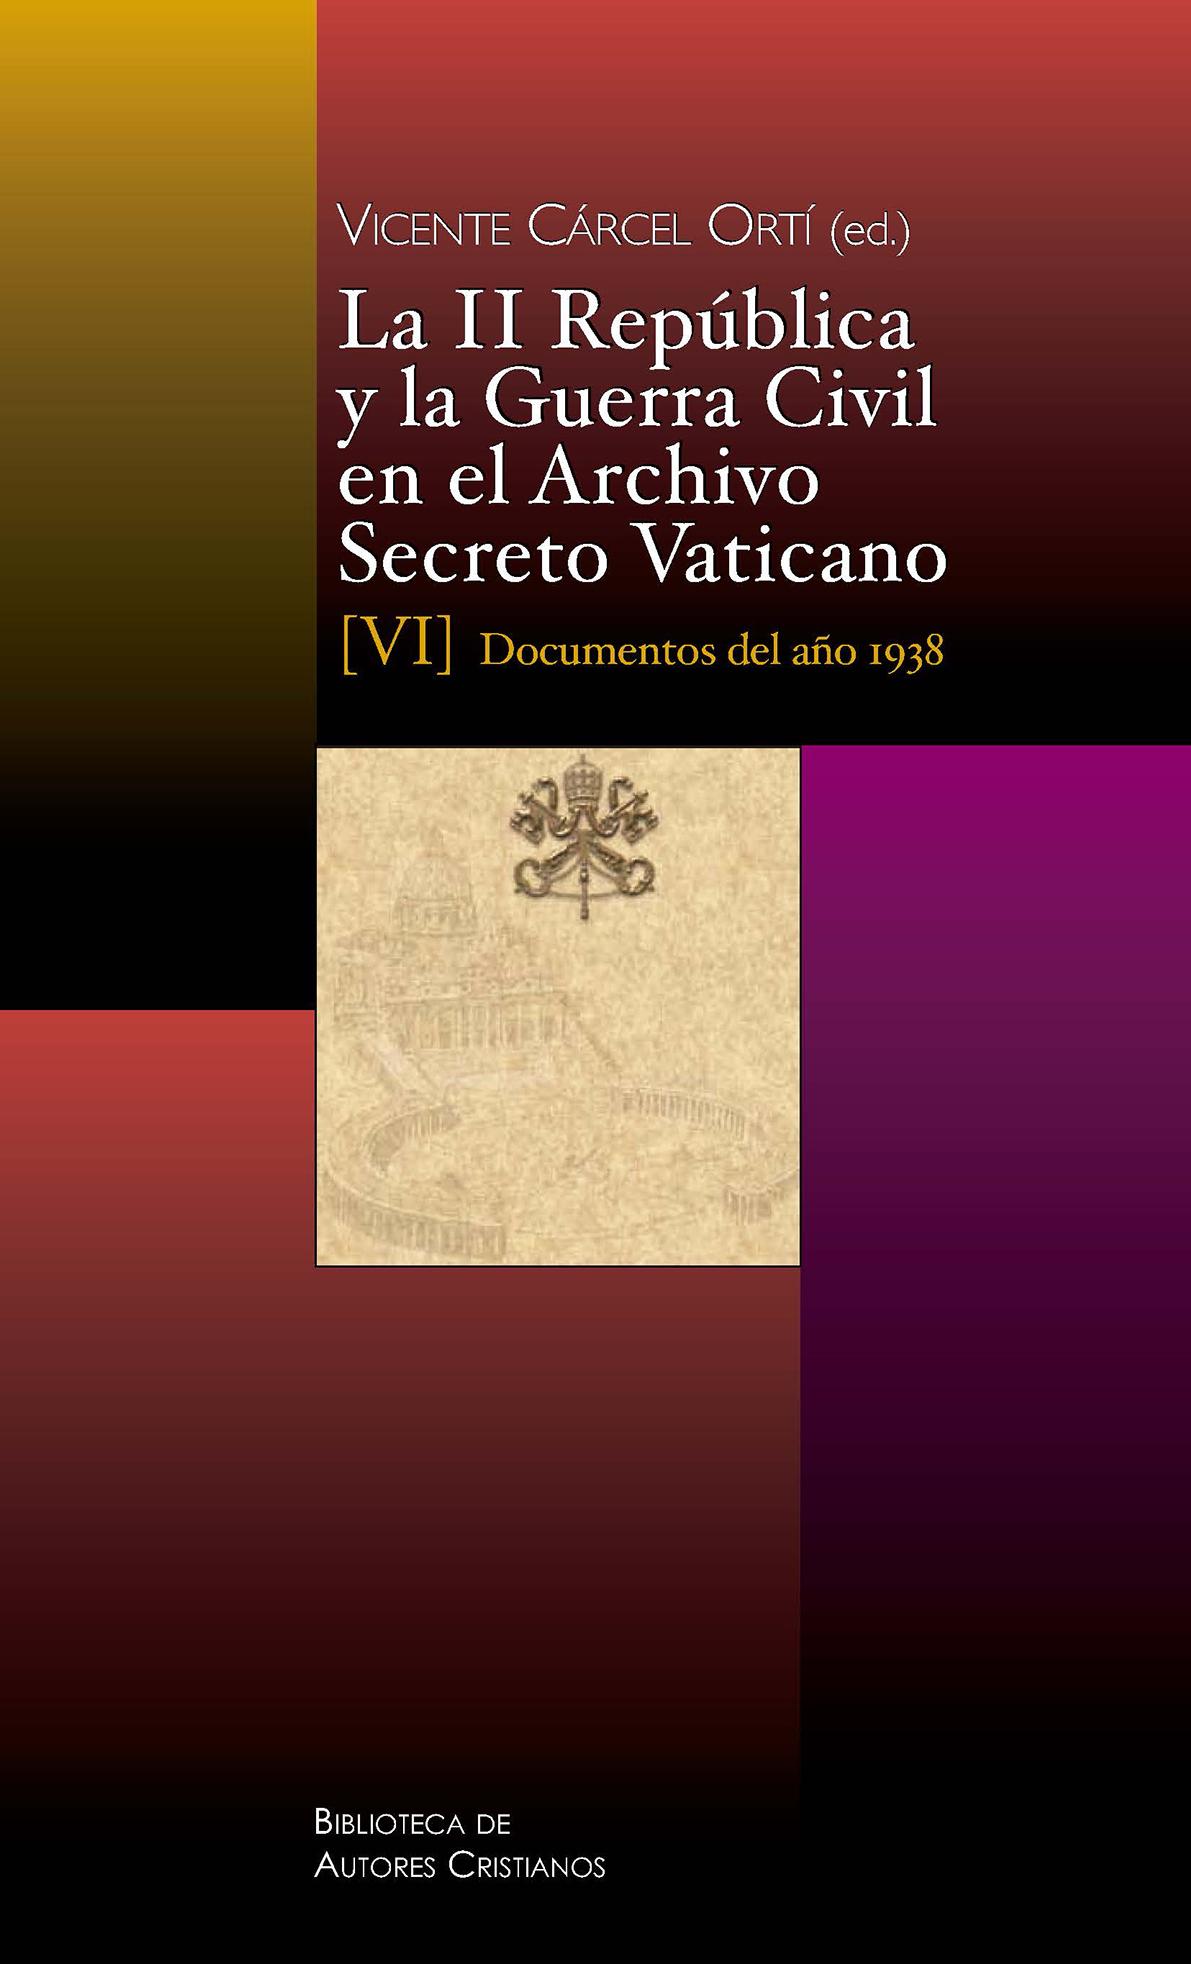 La II República y la Guerra Civil en el Archivo Secreto Vaticano. [VI] Documentos del año 1938